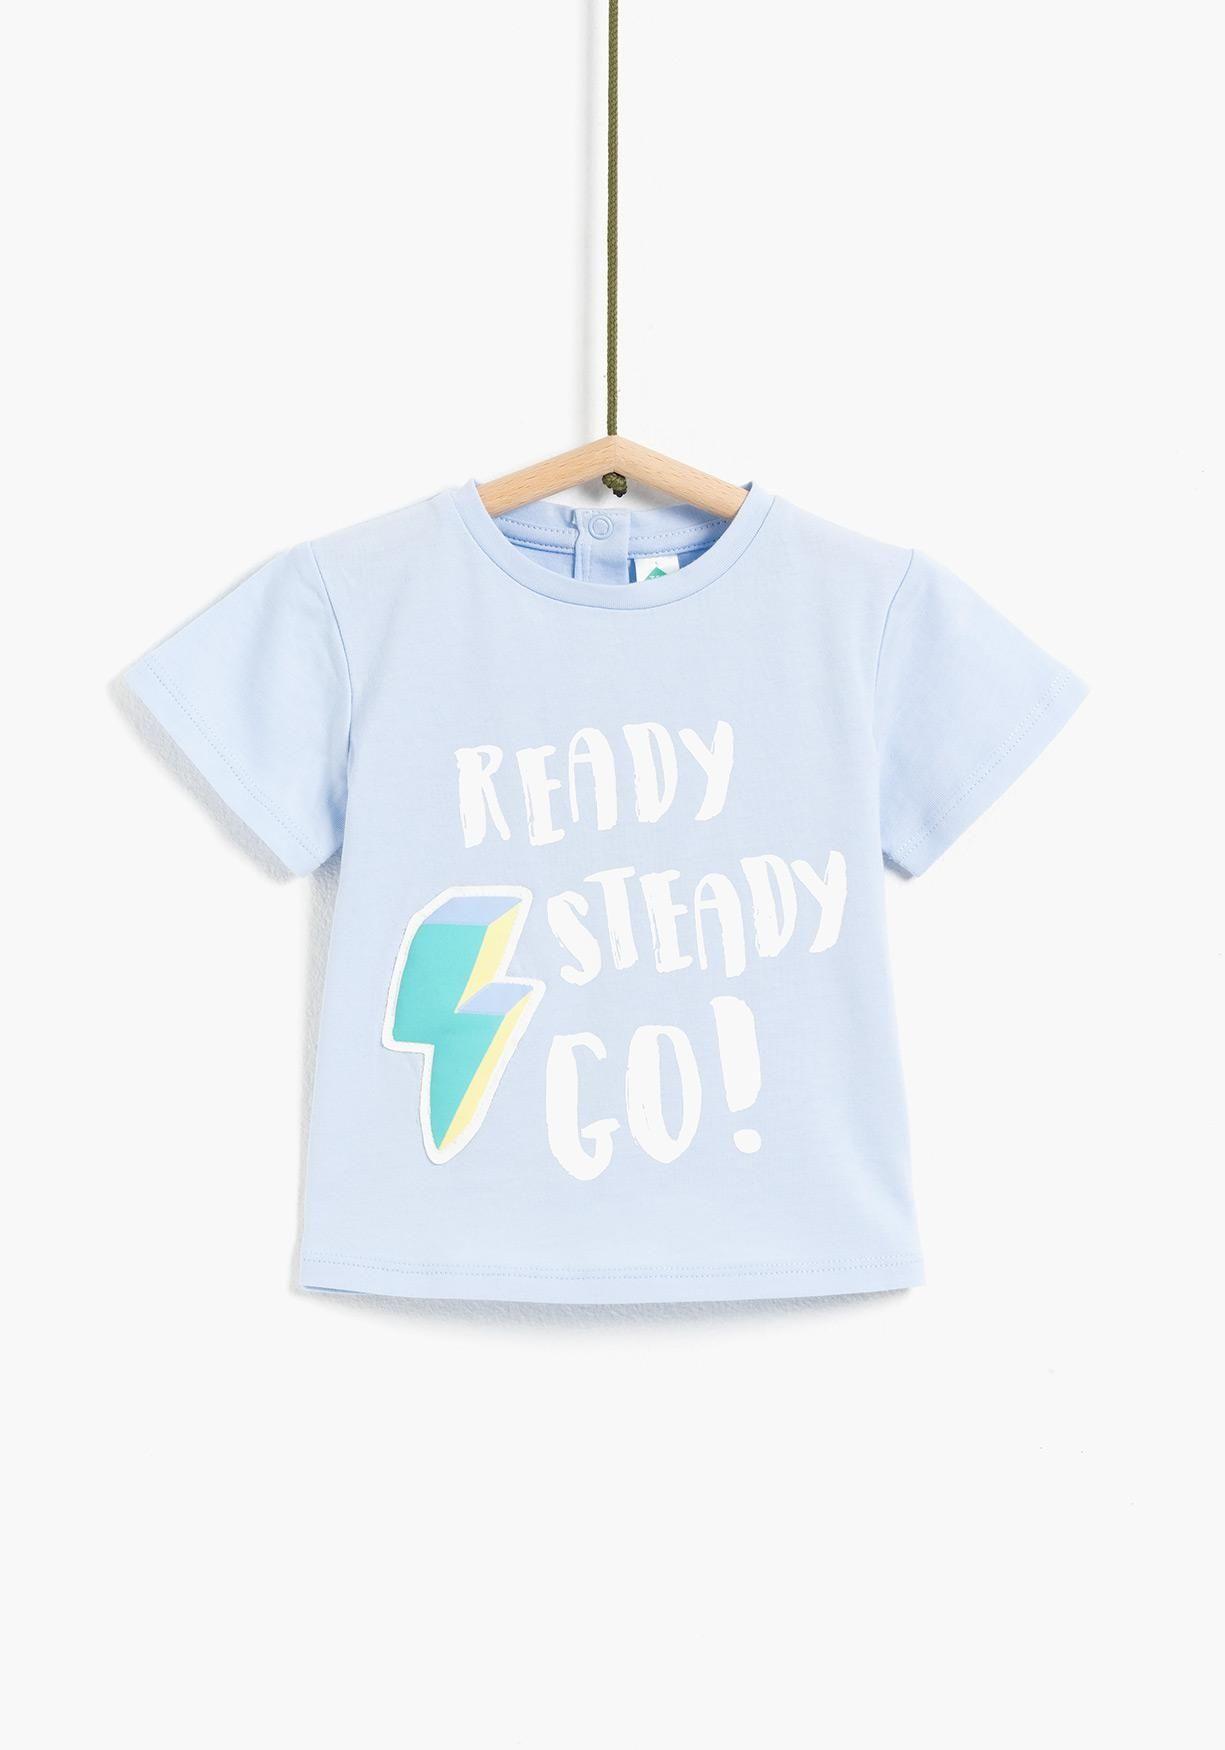 67f2a125c78 Ofertas en Moda - Tu tienda de ropa online en Carrefour TEX | my ...